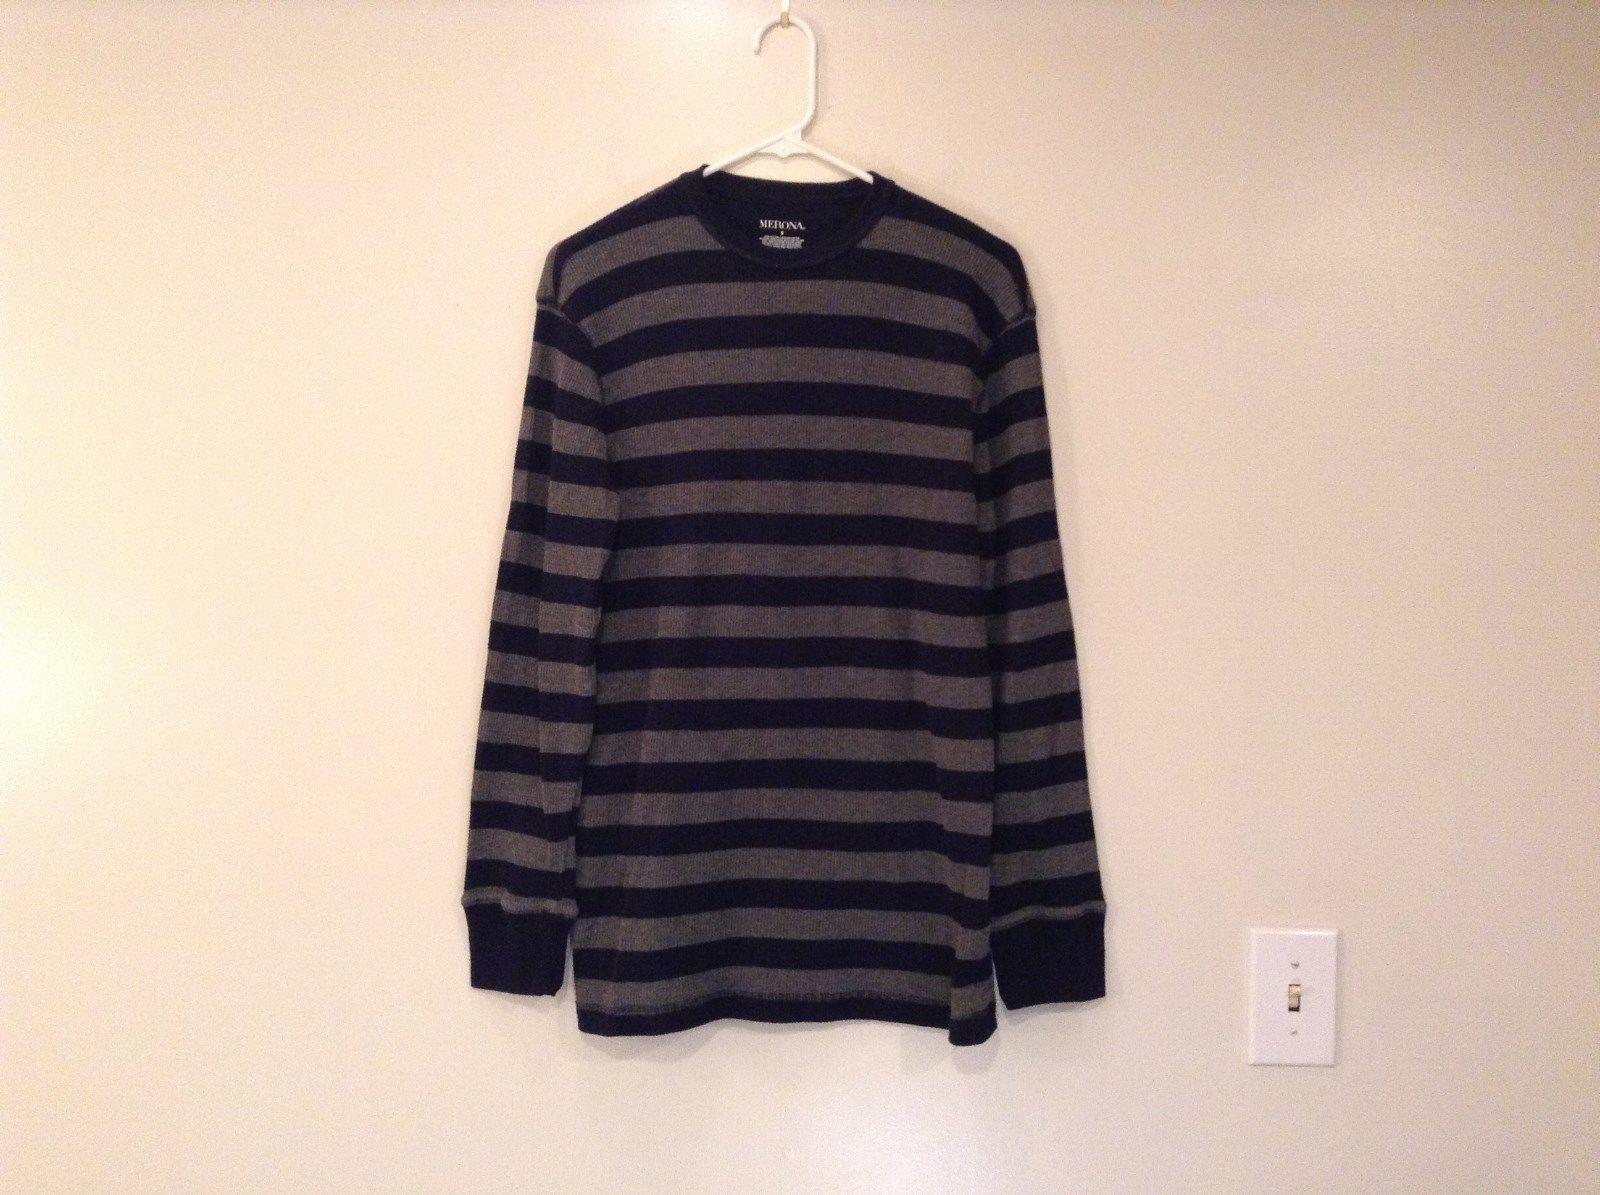 Merona Long Sleeve Navy Blue Gray Stripes Top Size Small